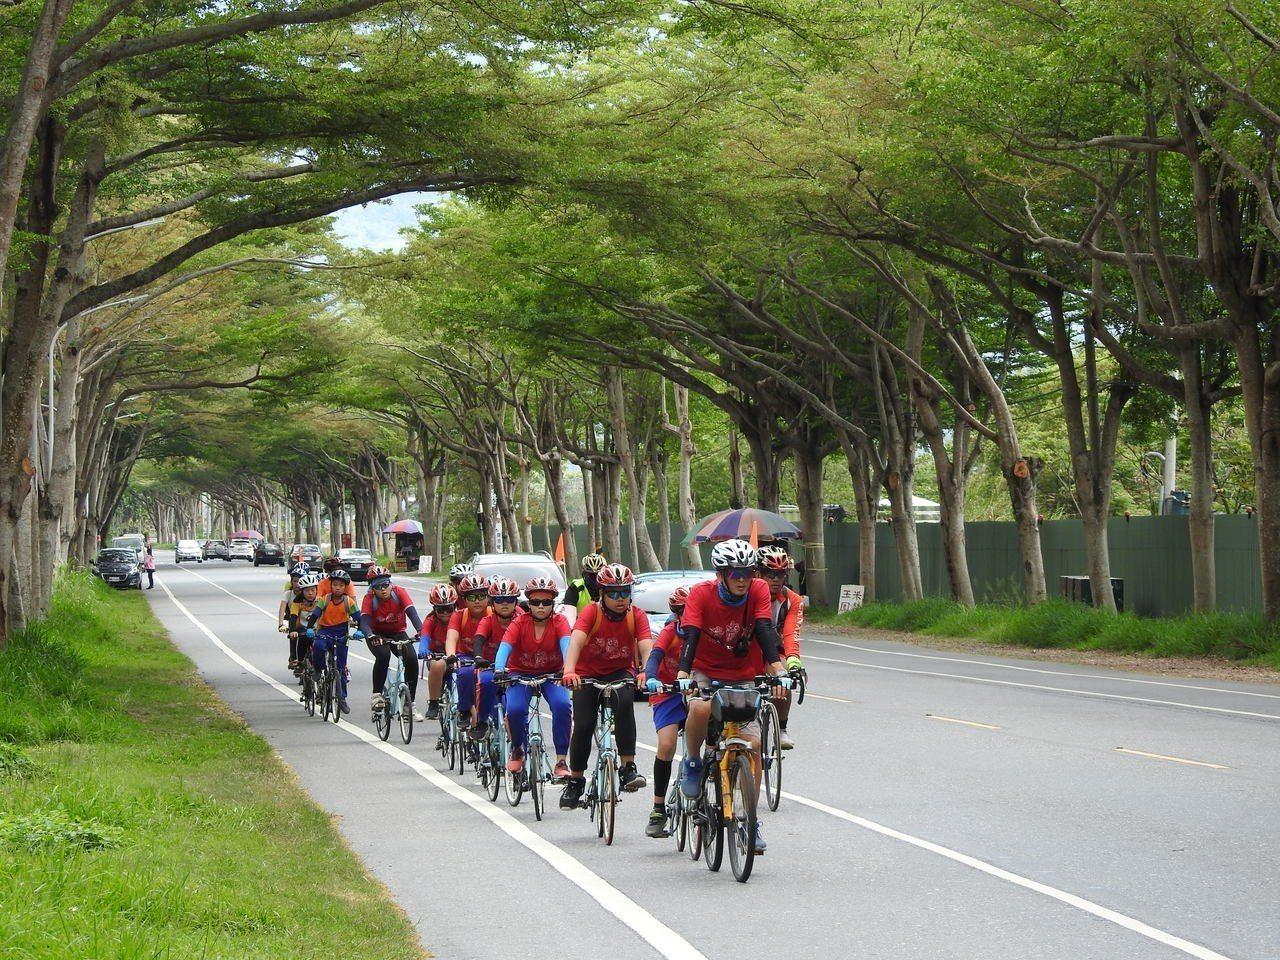 屏東縣立凌雲國小15位畢業生在17位老師及家長陪伴下,完成204公里的單車挑戰,...